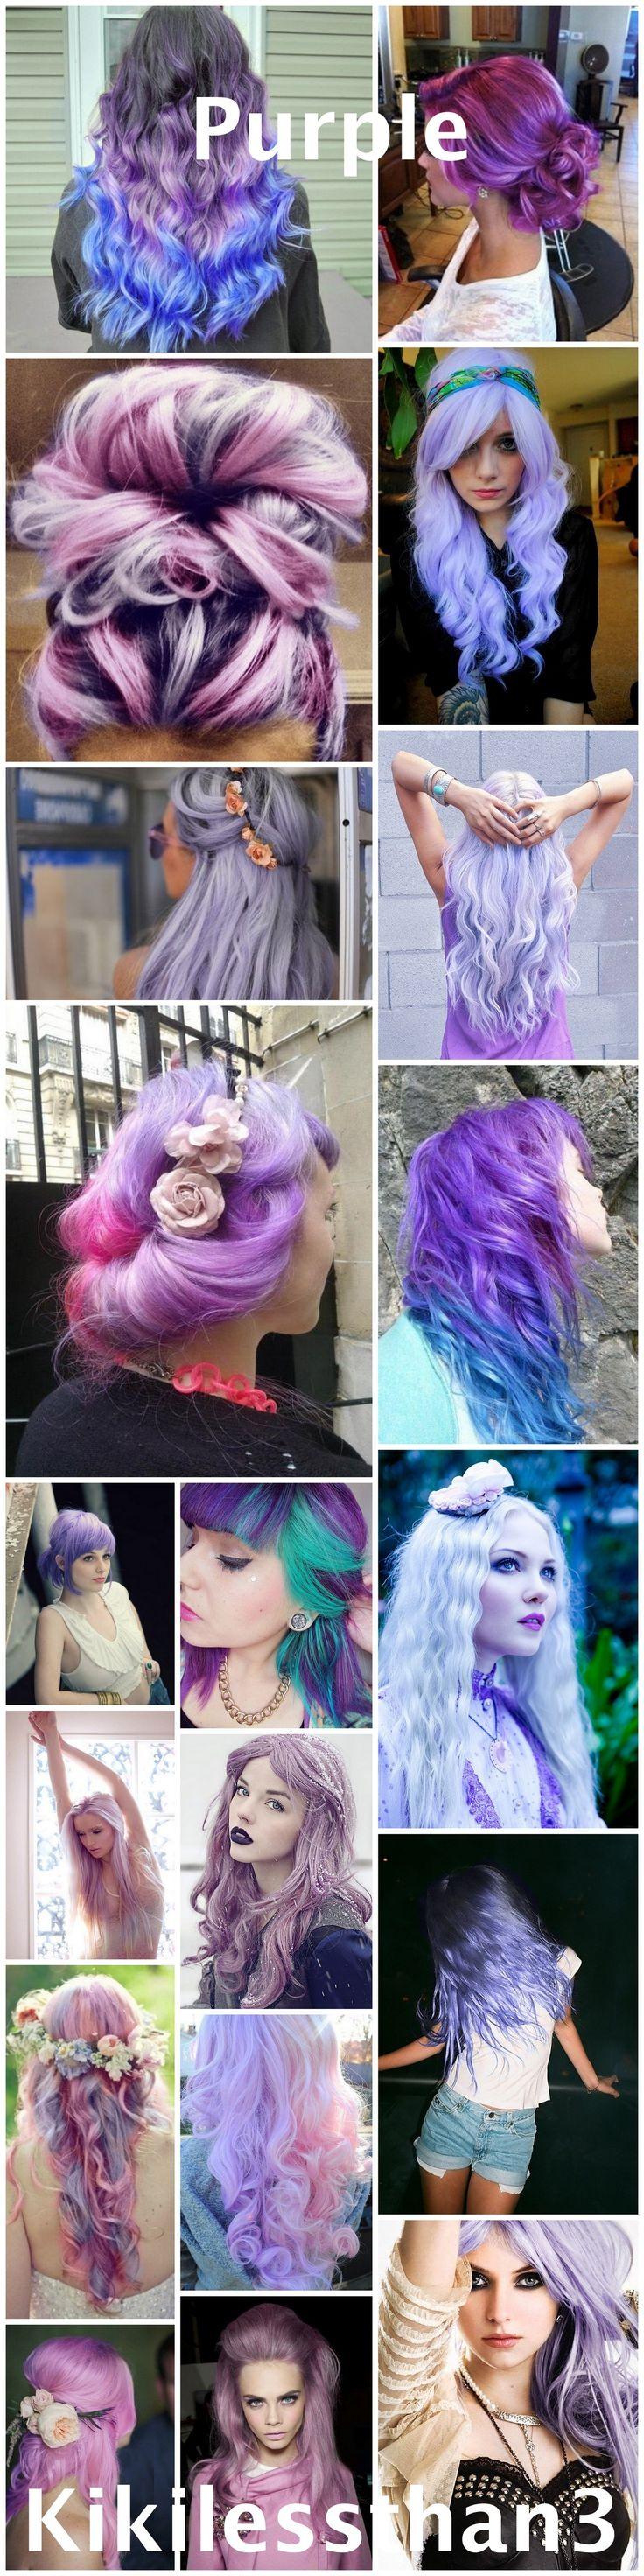 Pastel hair ideas. Purple hair, lilac hair, lavender hair, purple blue hair, all shades purple. Enjoy!